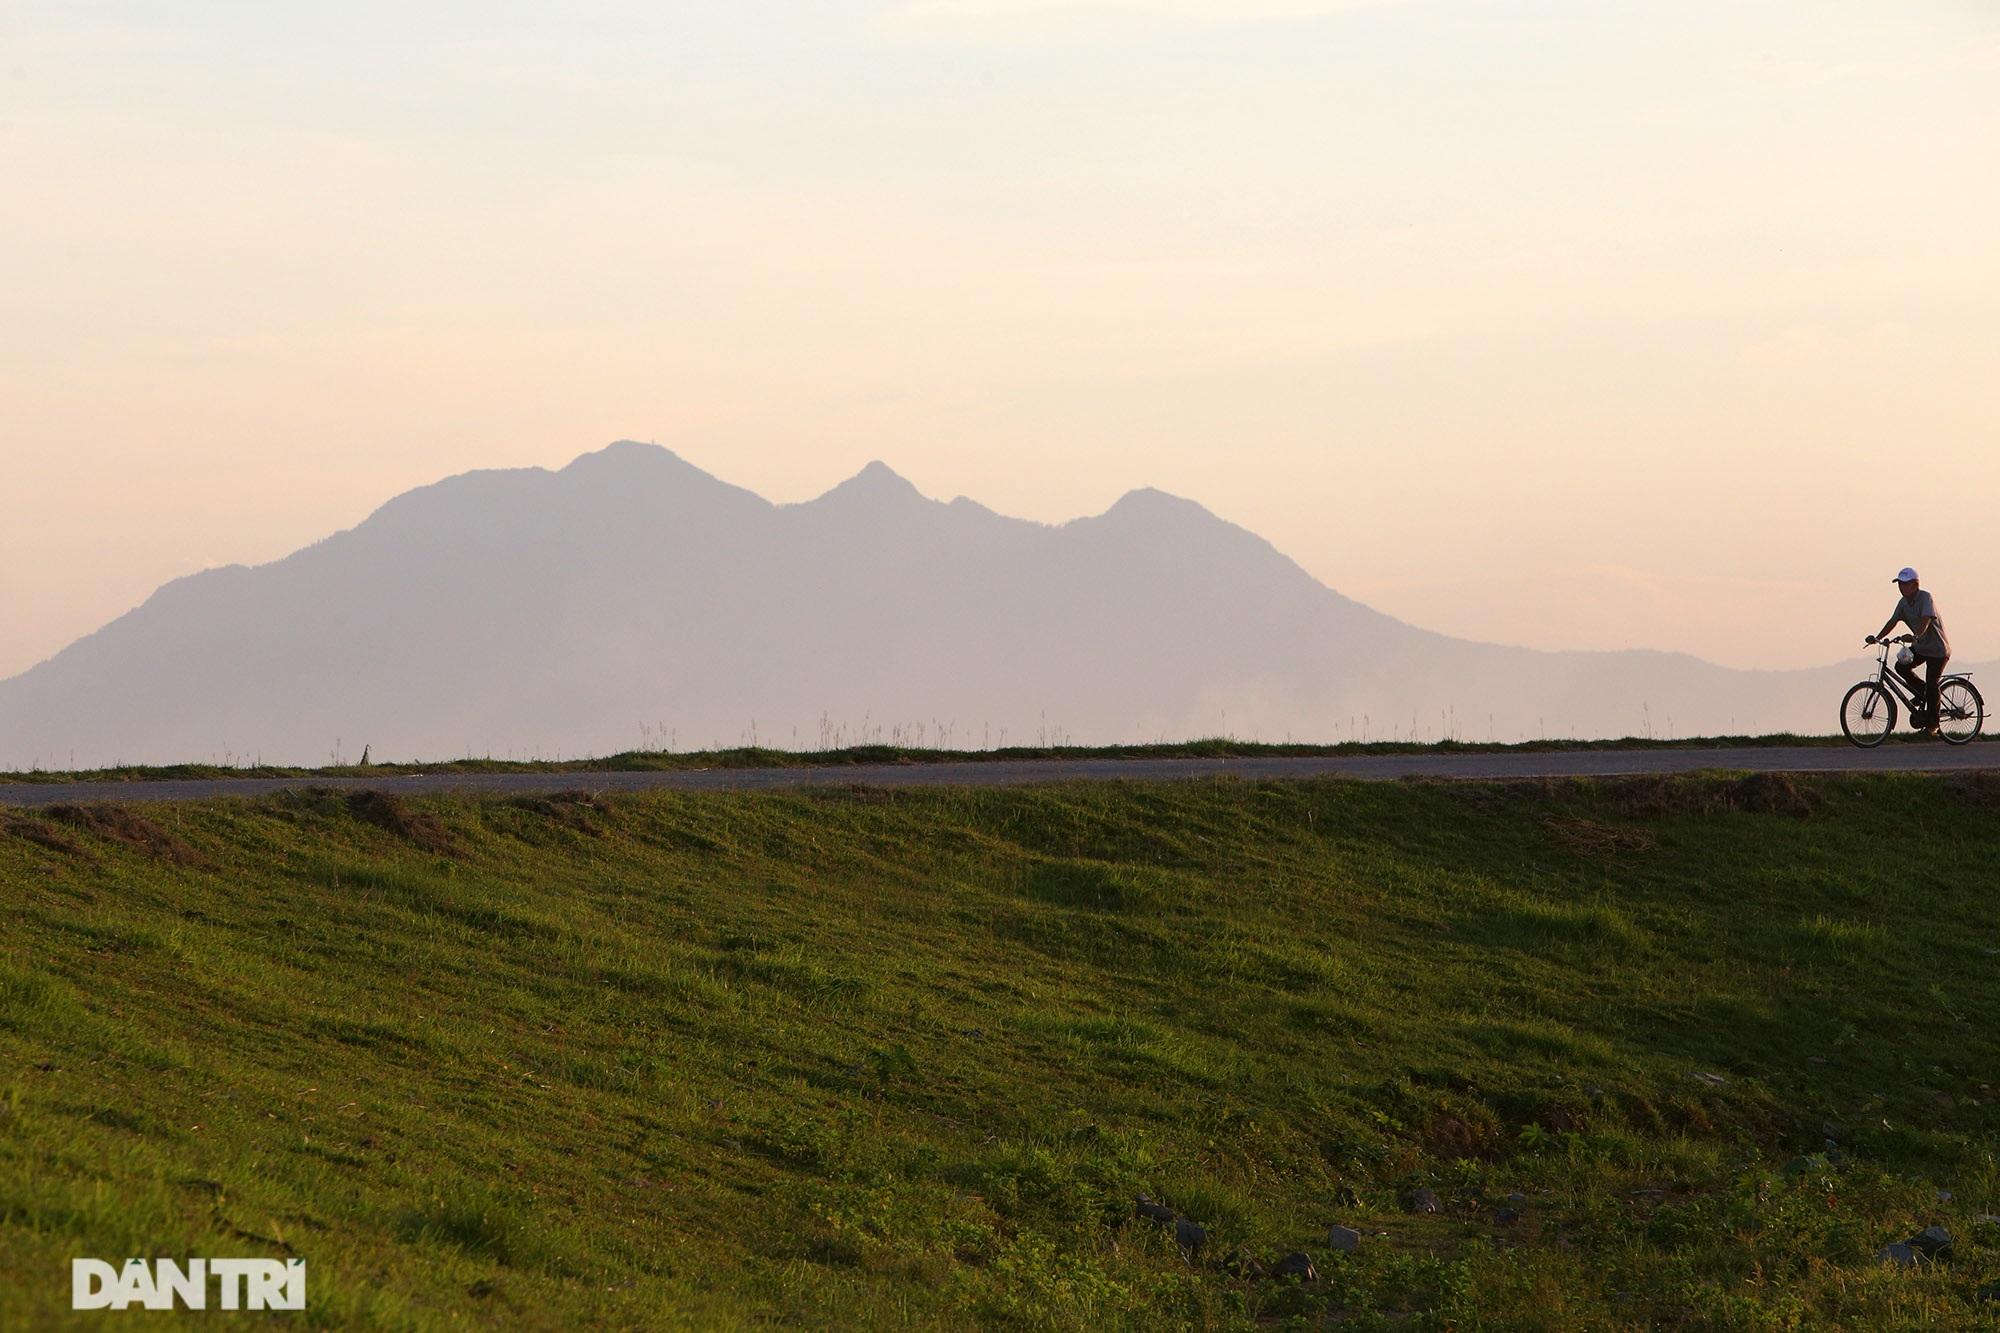 Núi thiêng gần Hà Nội đẹp mê mải nhìn từ muôn phương tám hướng - 3